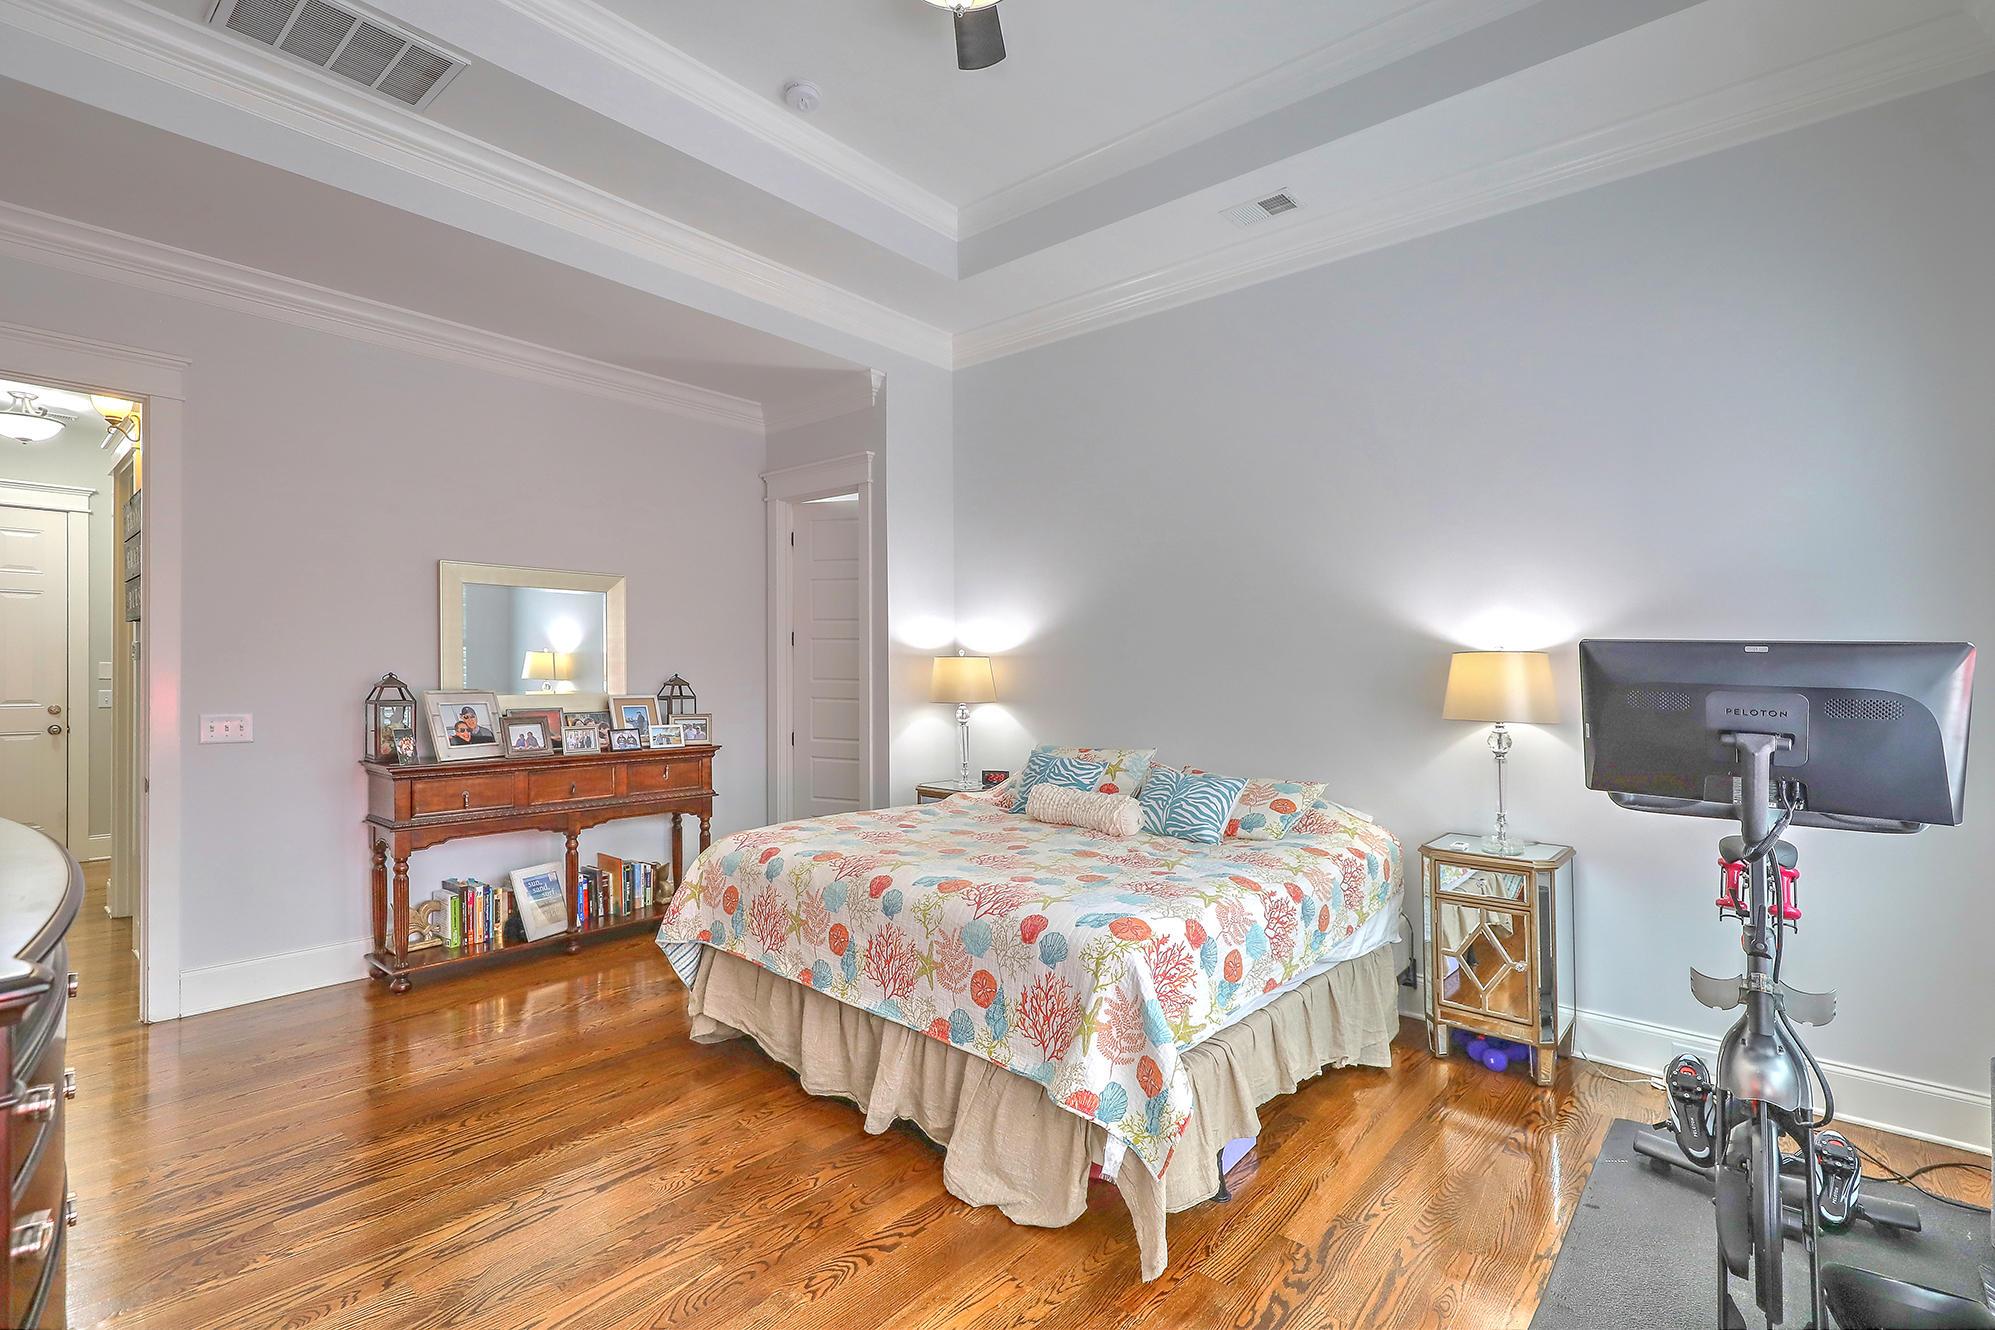 Park West Homes For Sale - 1516 Capel, Mount Pleasant, SC - 19